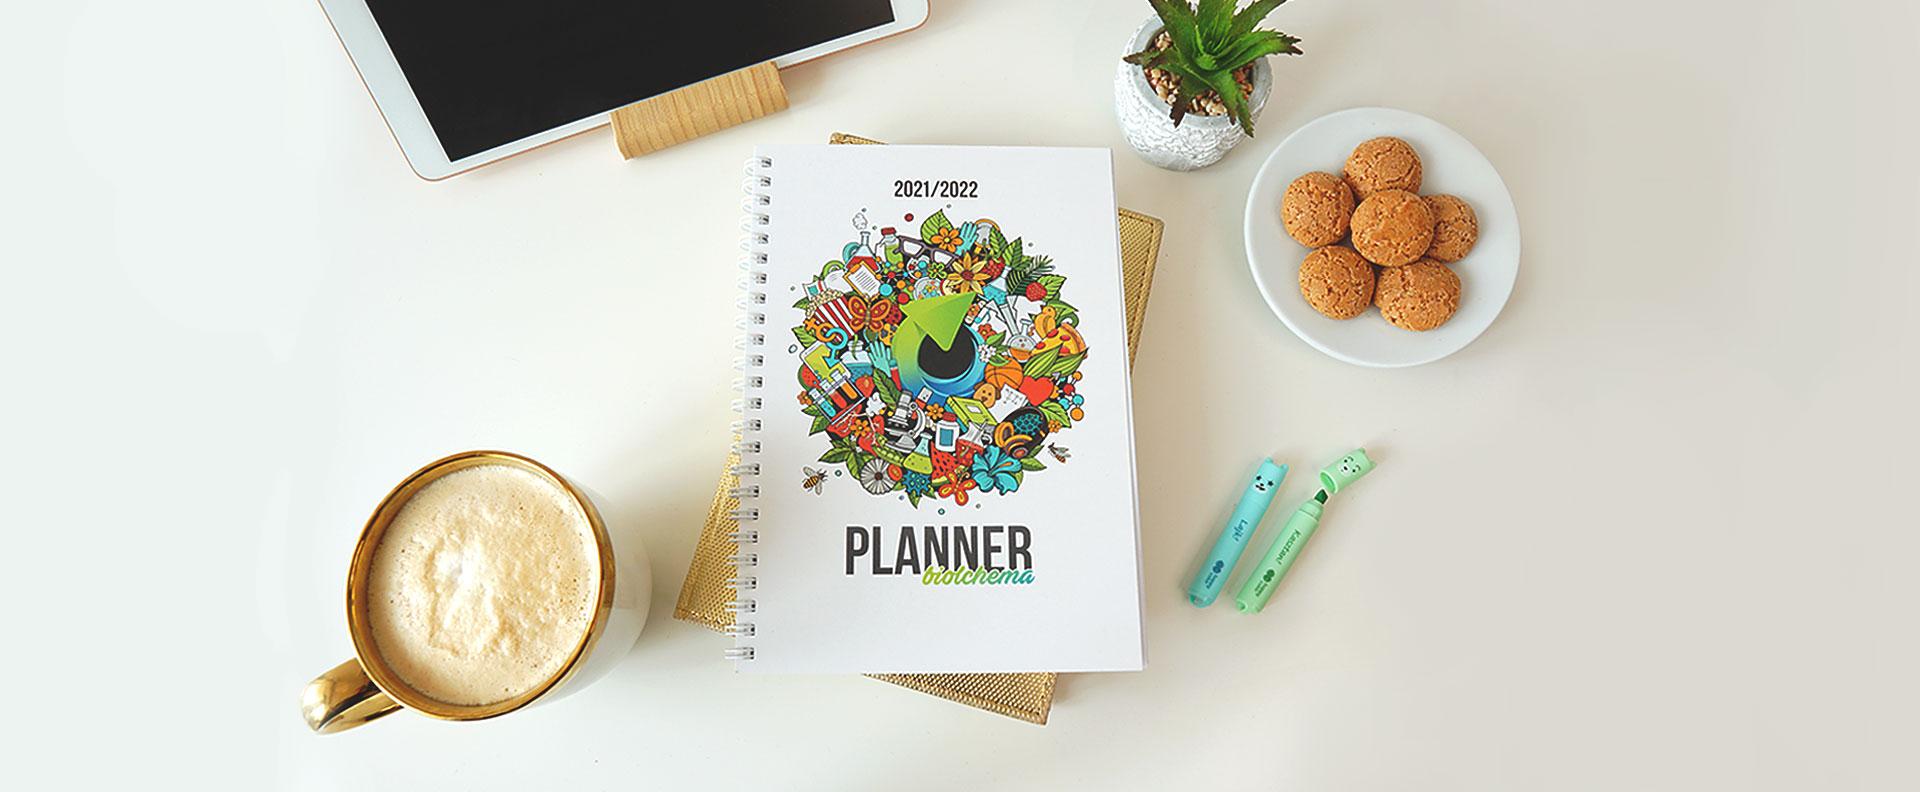 slider planner BiolChema